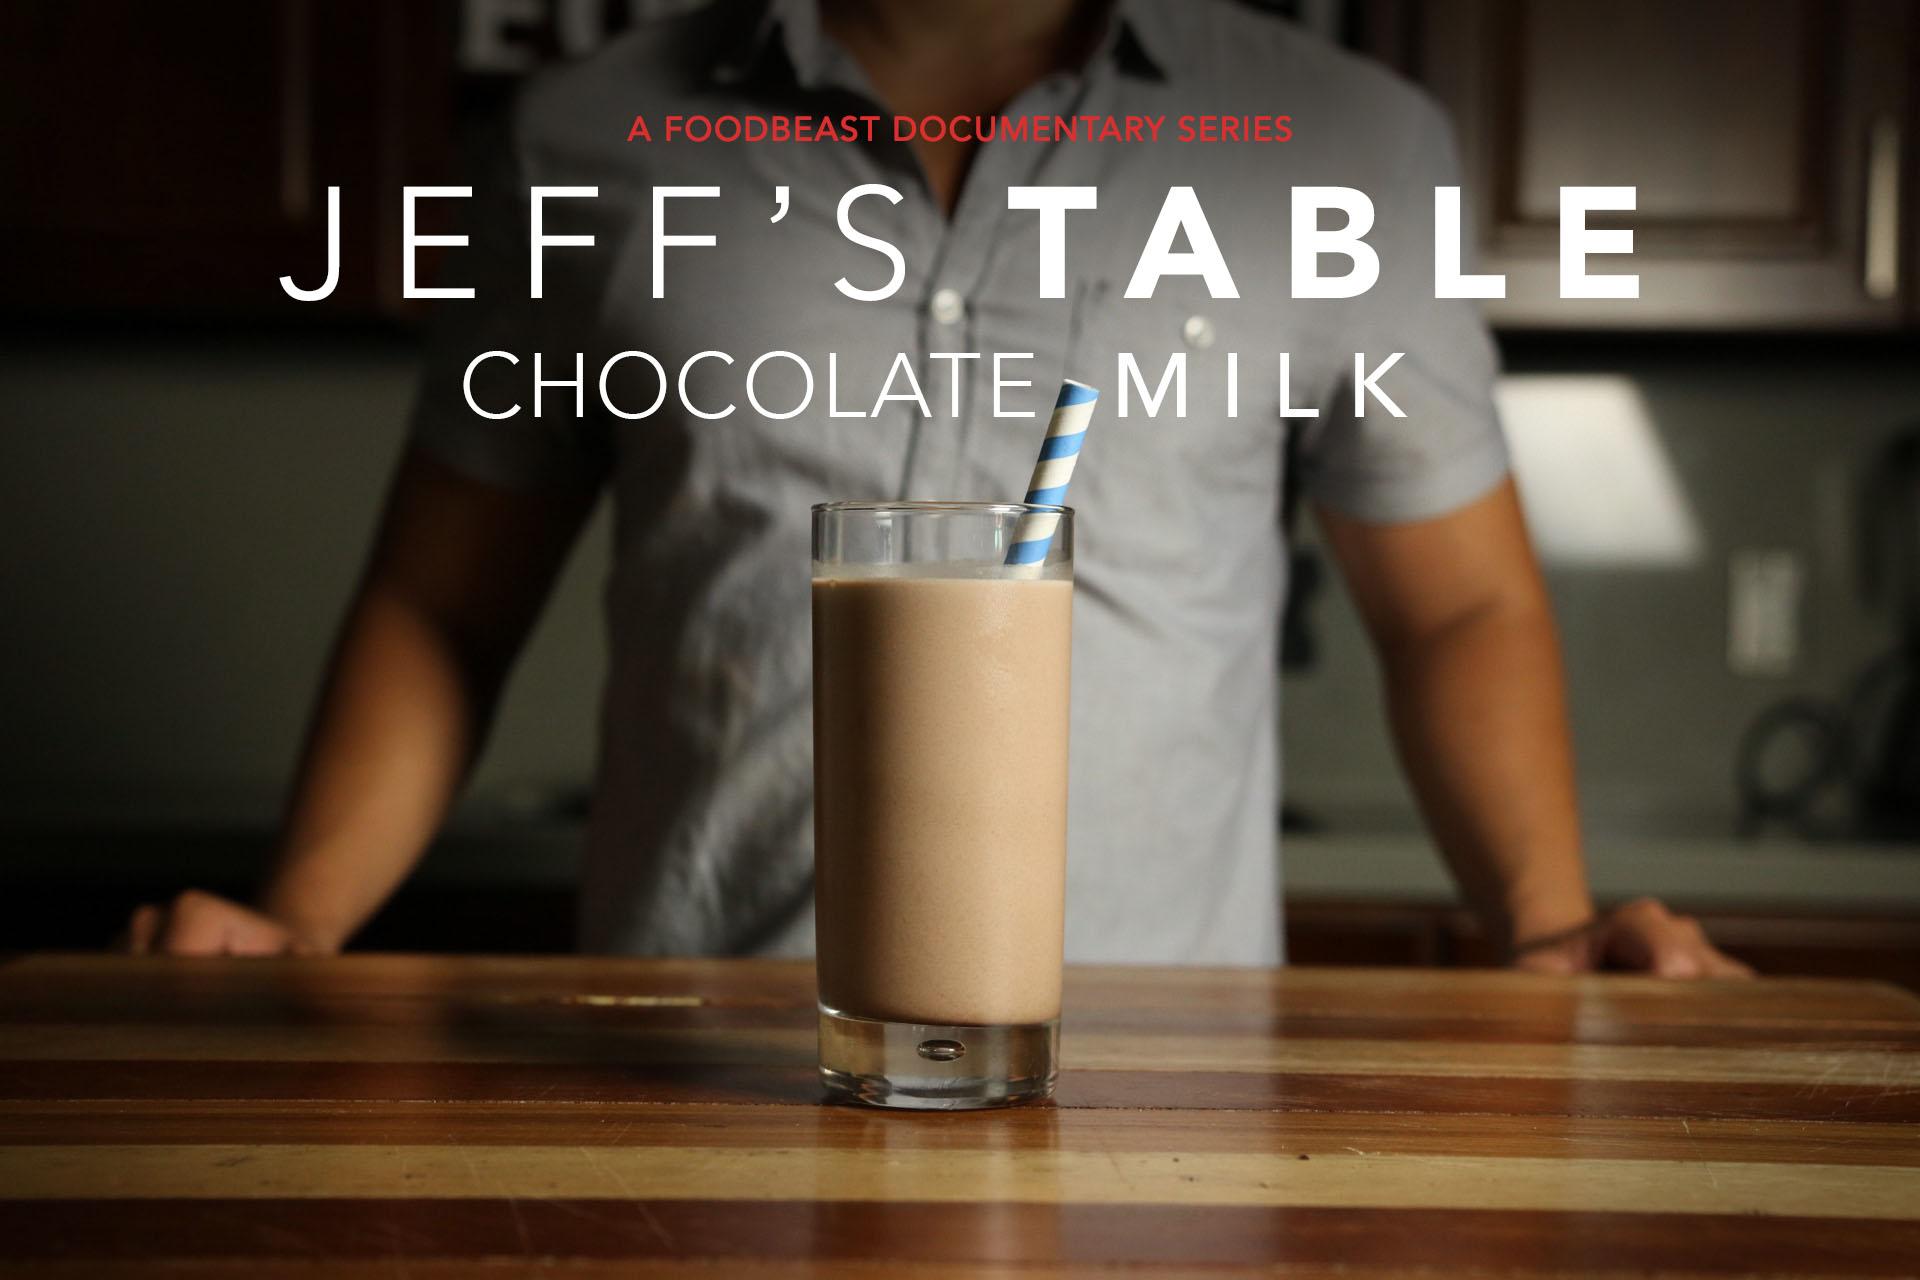 jeffstablechocolatemilk